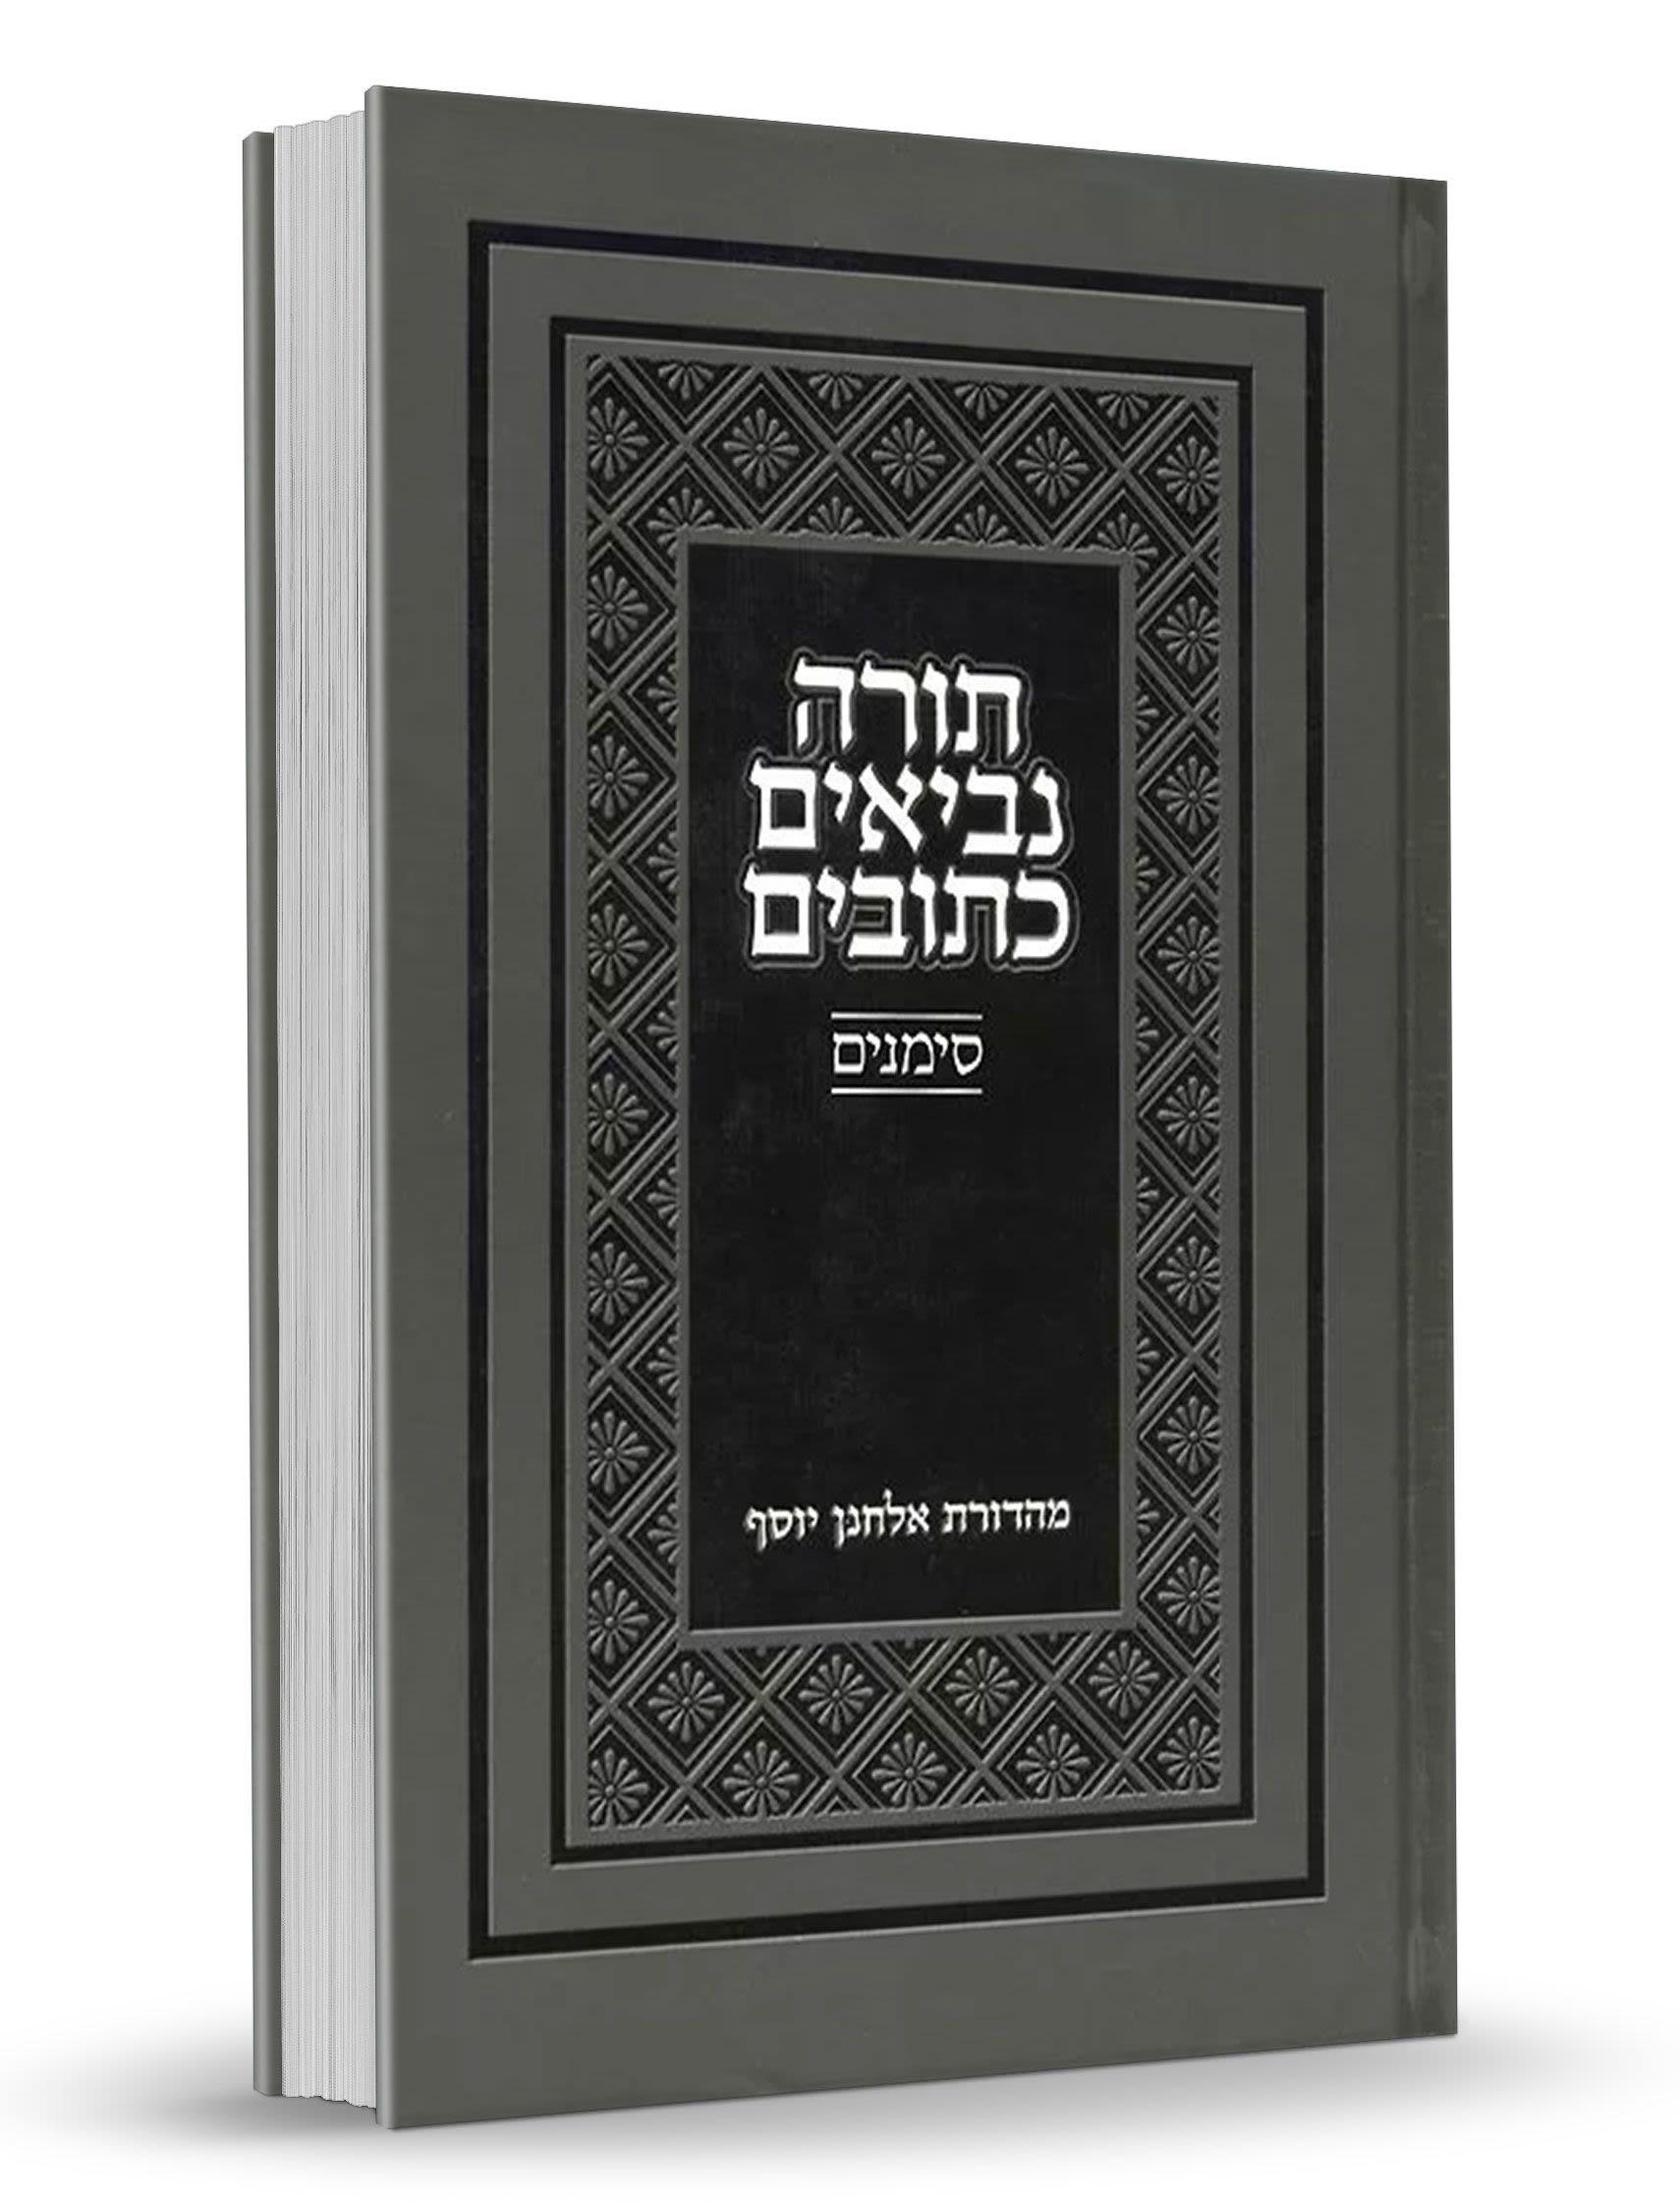 Tanaj mediano EN HEBREO